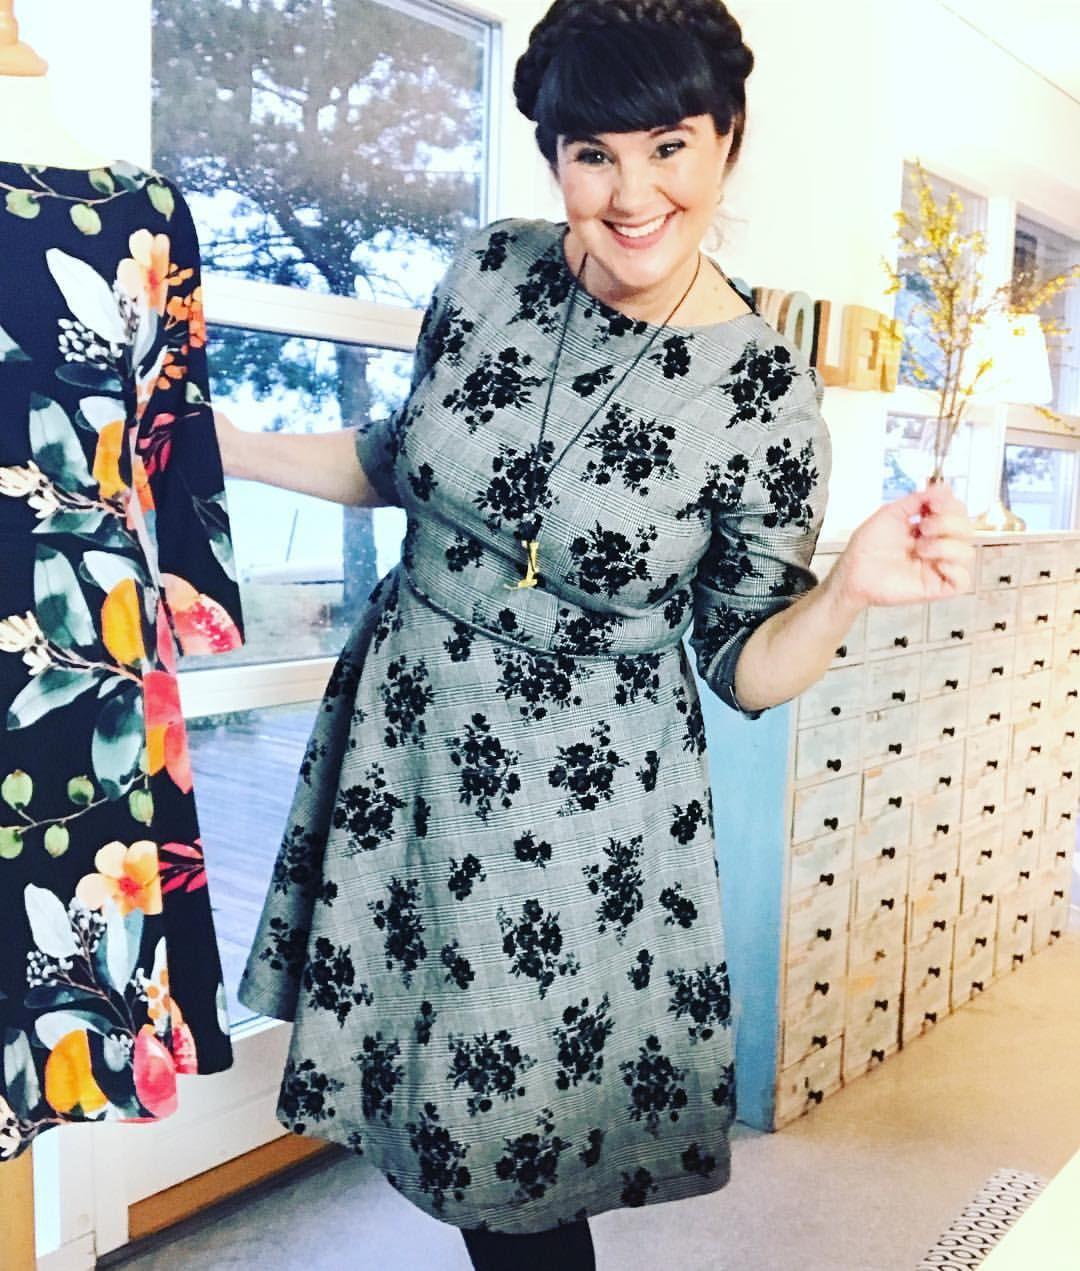 d6f0fe75 Dagens antrekk - kjole i rutete stoff med fløyelsblomster fra Tyglust.  Yndlingsmønster for tiden fra